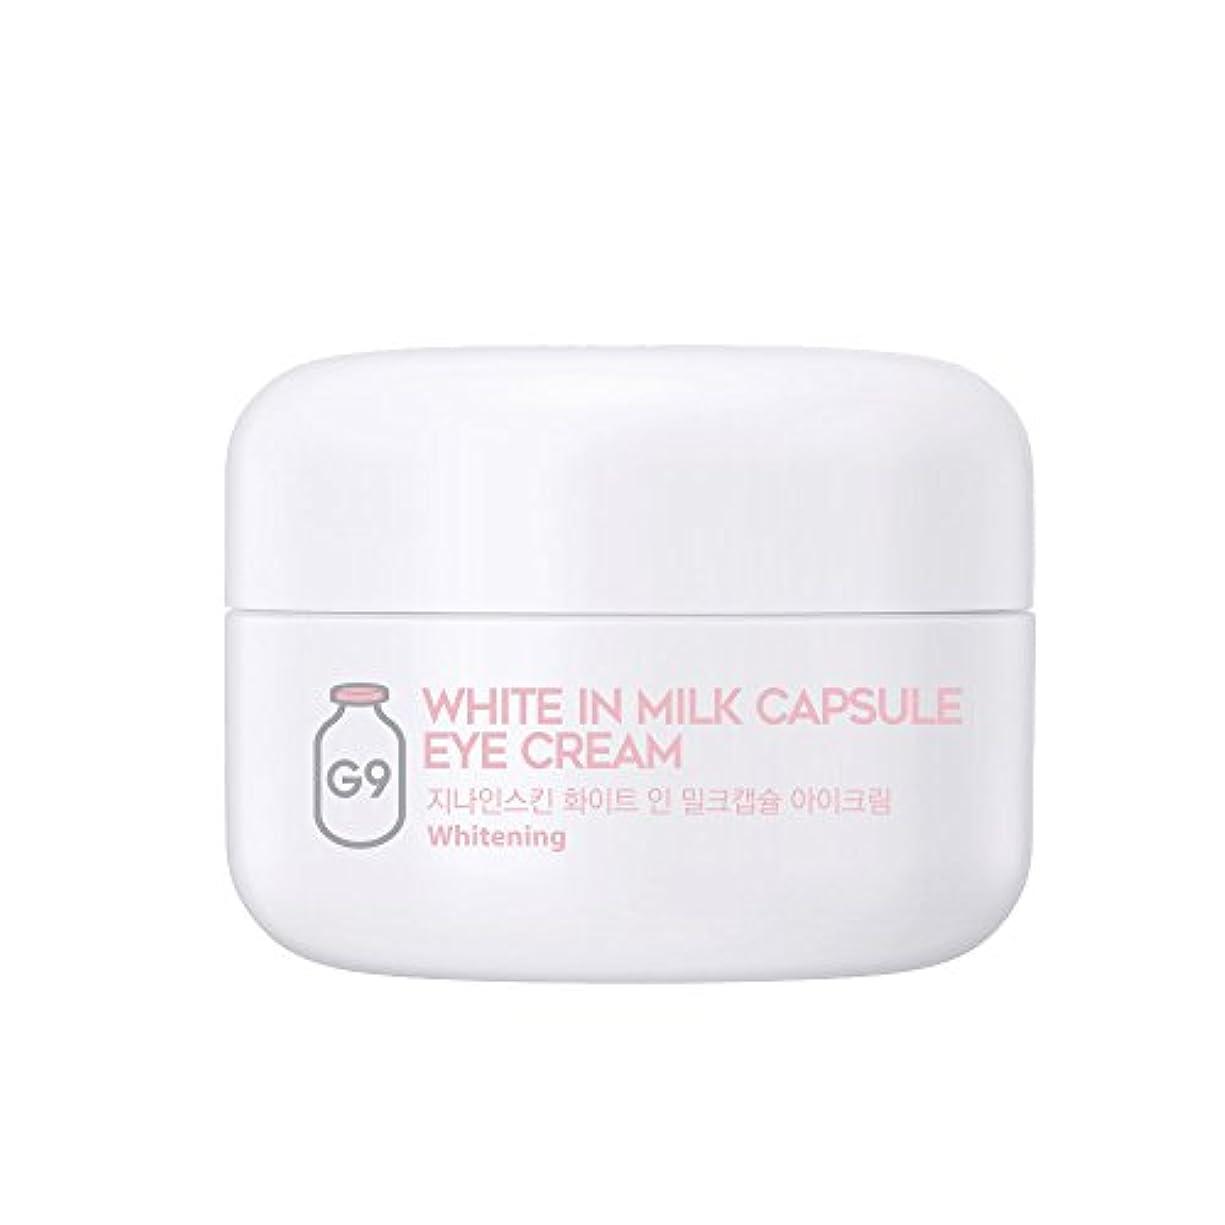 呪われたルーチン登場G9SKIN(ベリサム) White In Milk Capsule Eye Cream ホワイトインミルクカプセルアイクリーム 30g